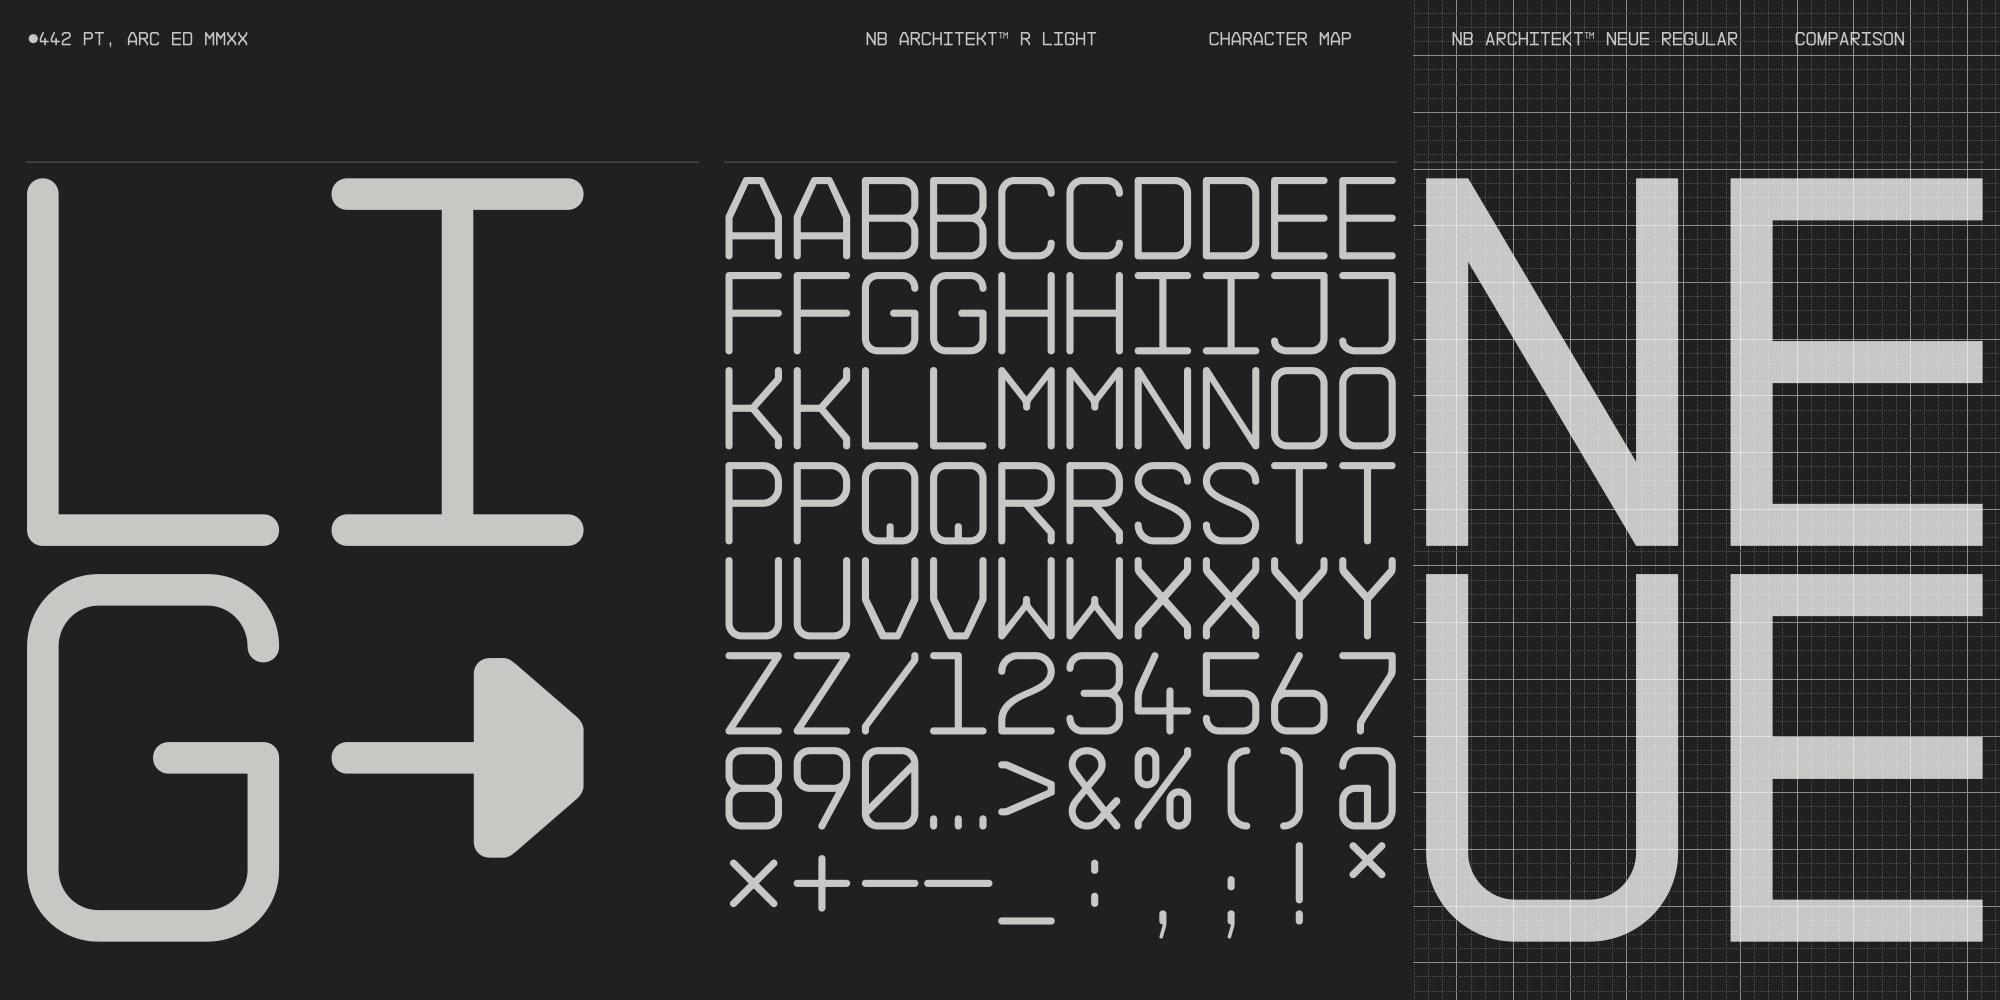 NBL_NB_Architekt_ED_MMXX_LGT_R